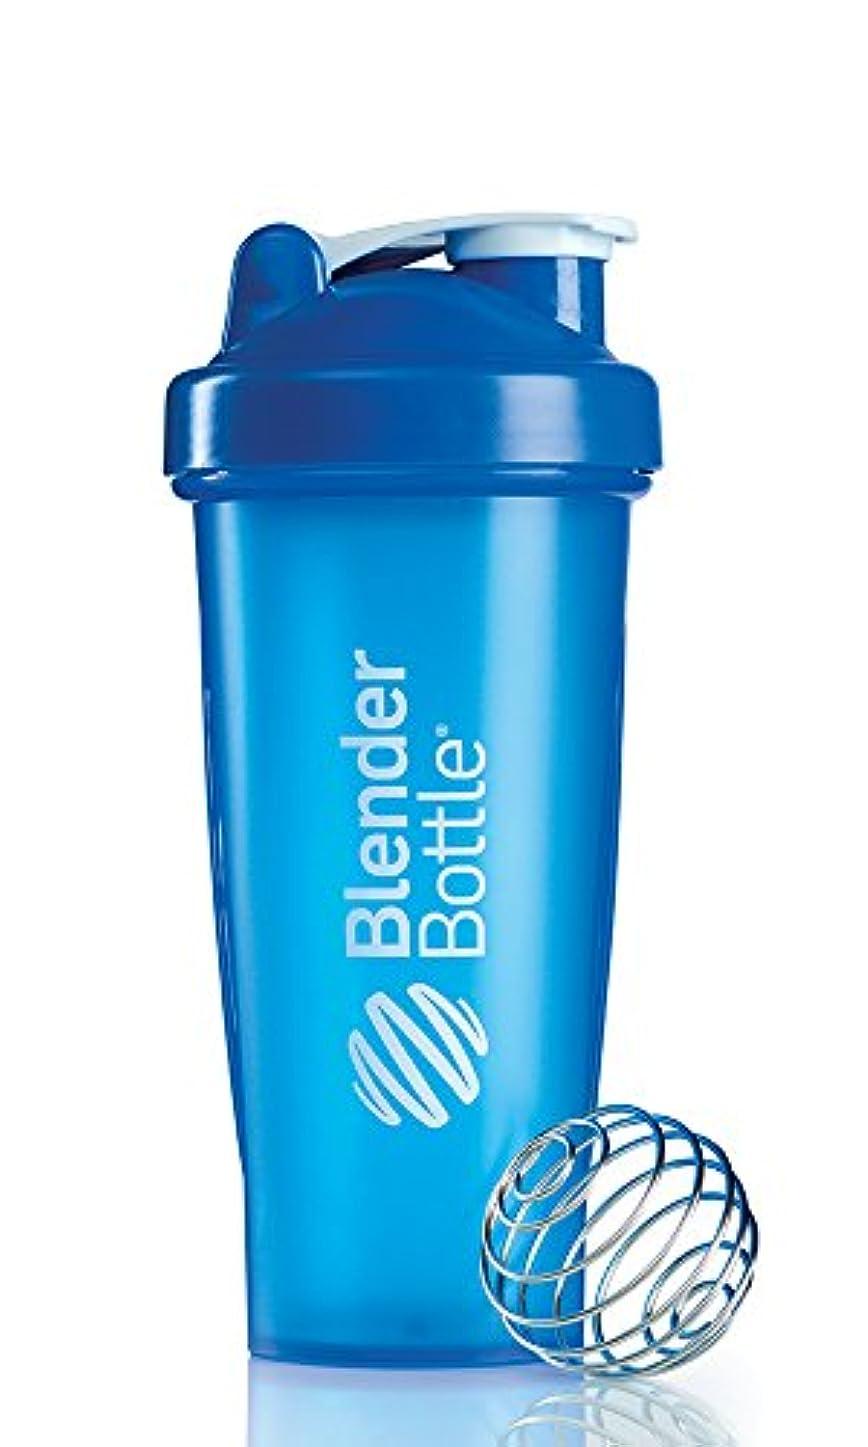 BlenderBottle Classic Shaker Bottle, 28-ounce, Blue/Blue by Blender Bottle